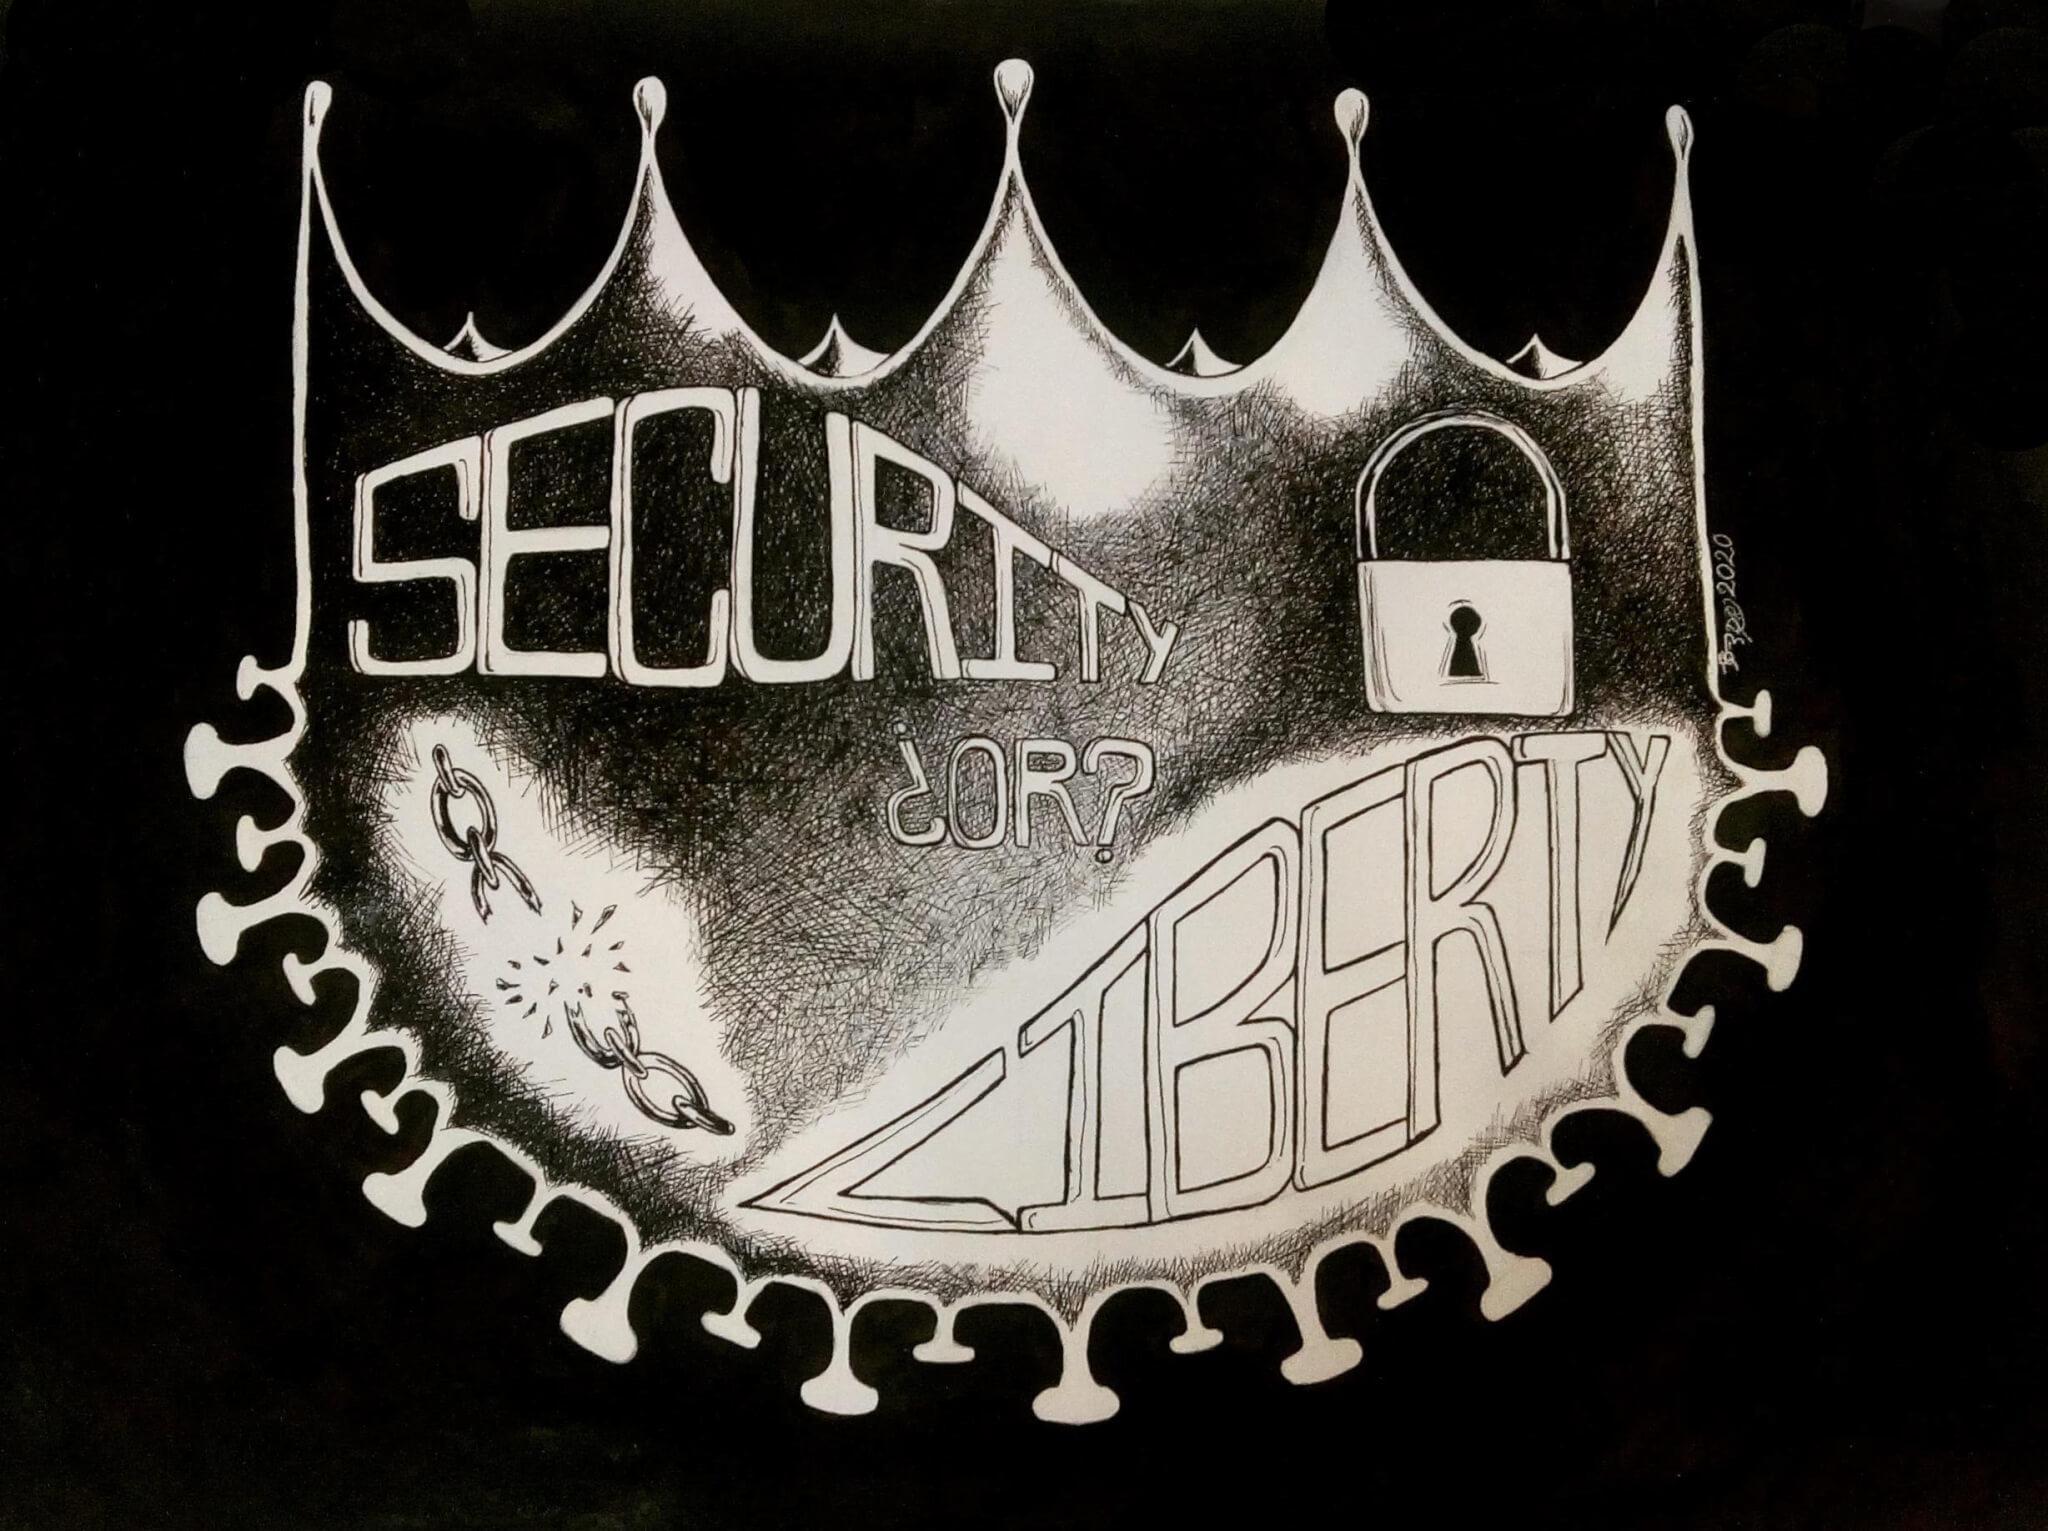 10: Security or Liberty?, by Deborah Garcia